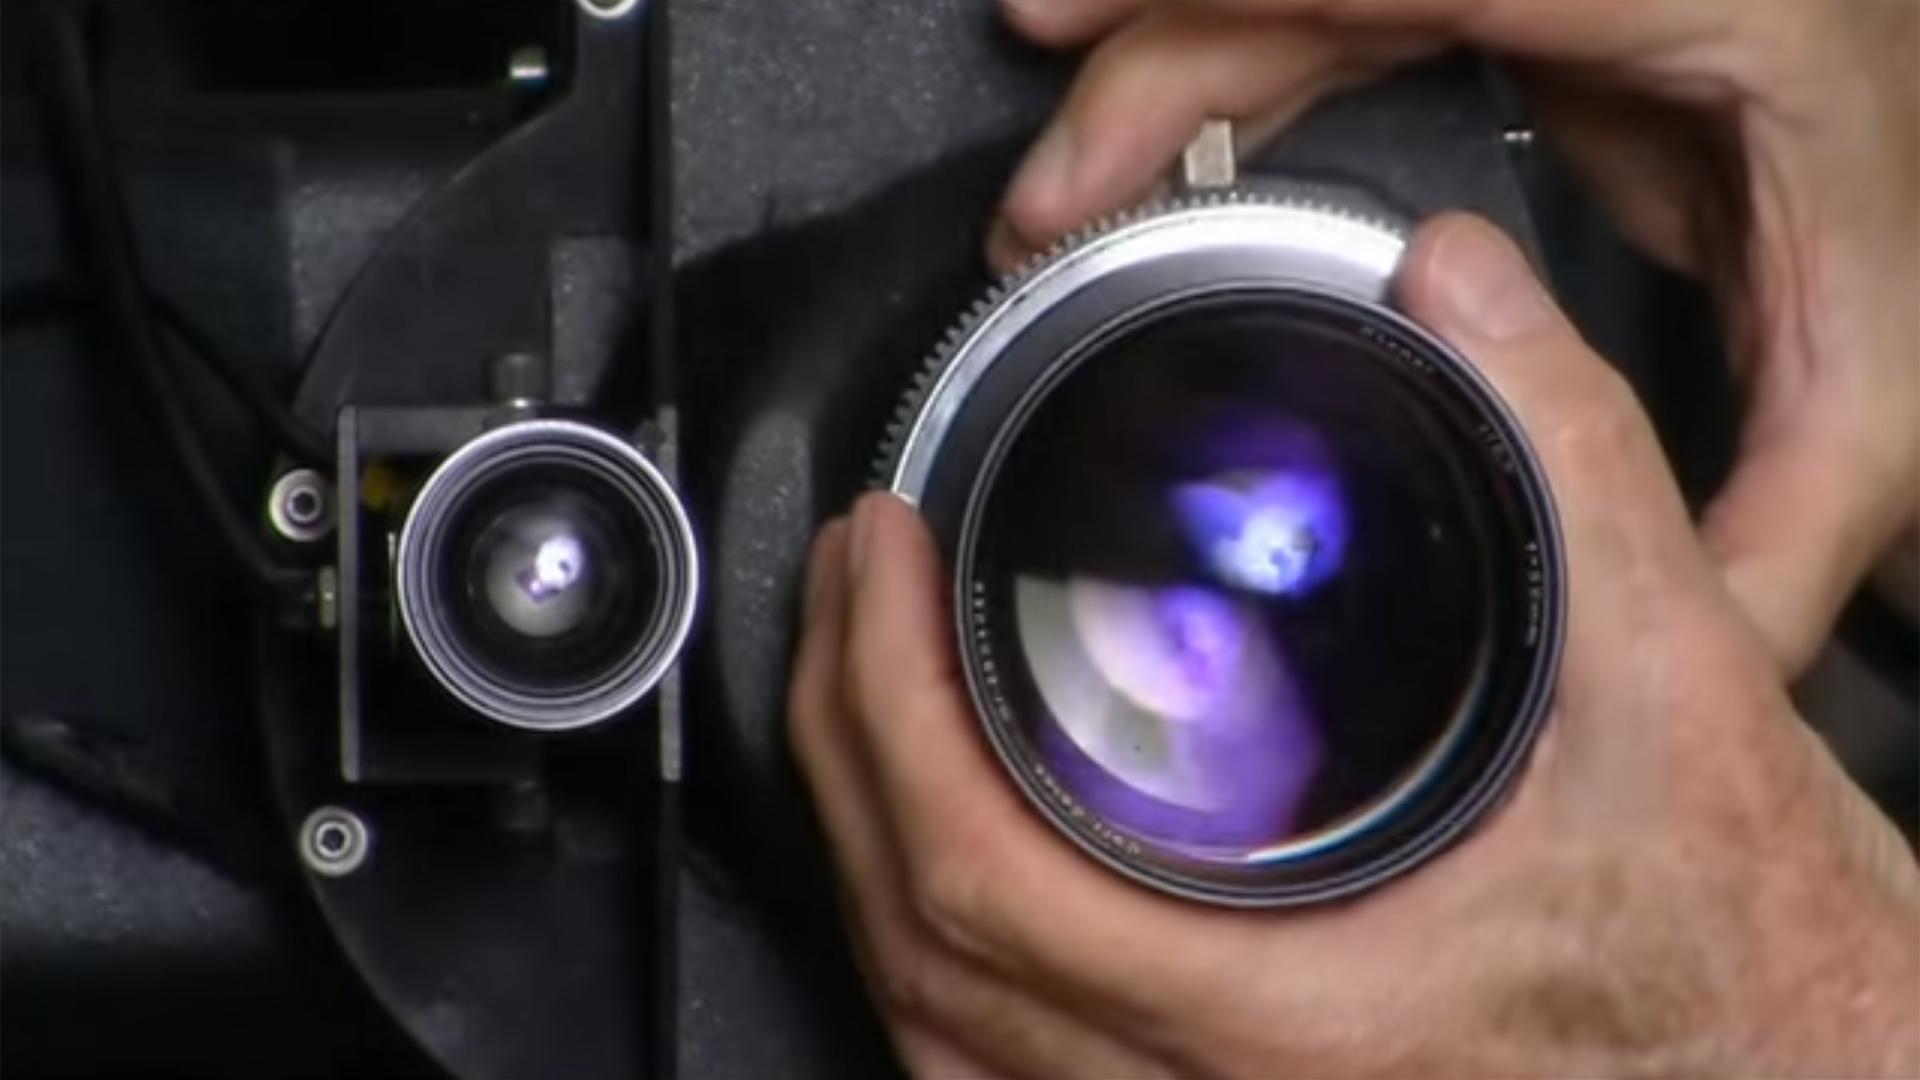 f/0.7 lens